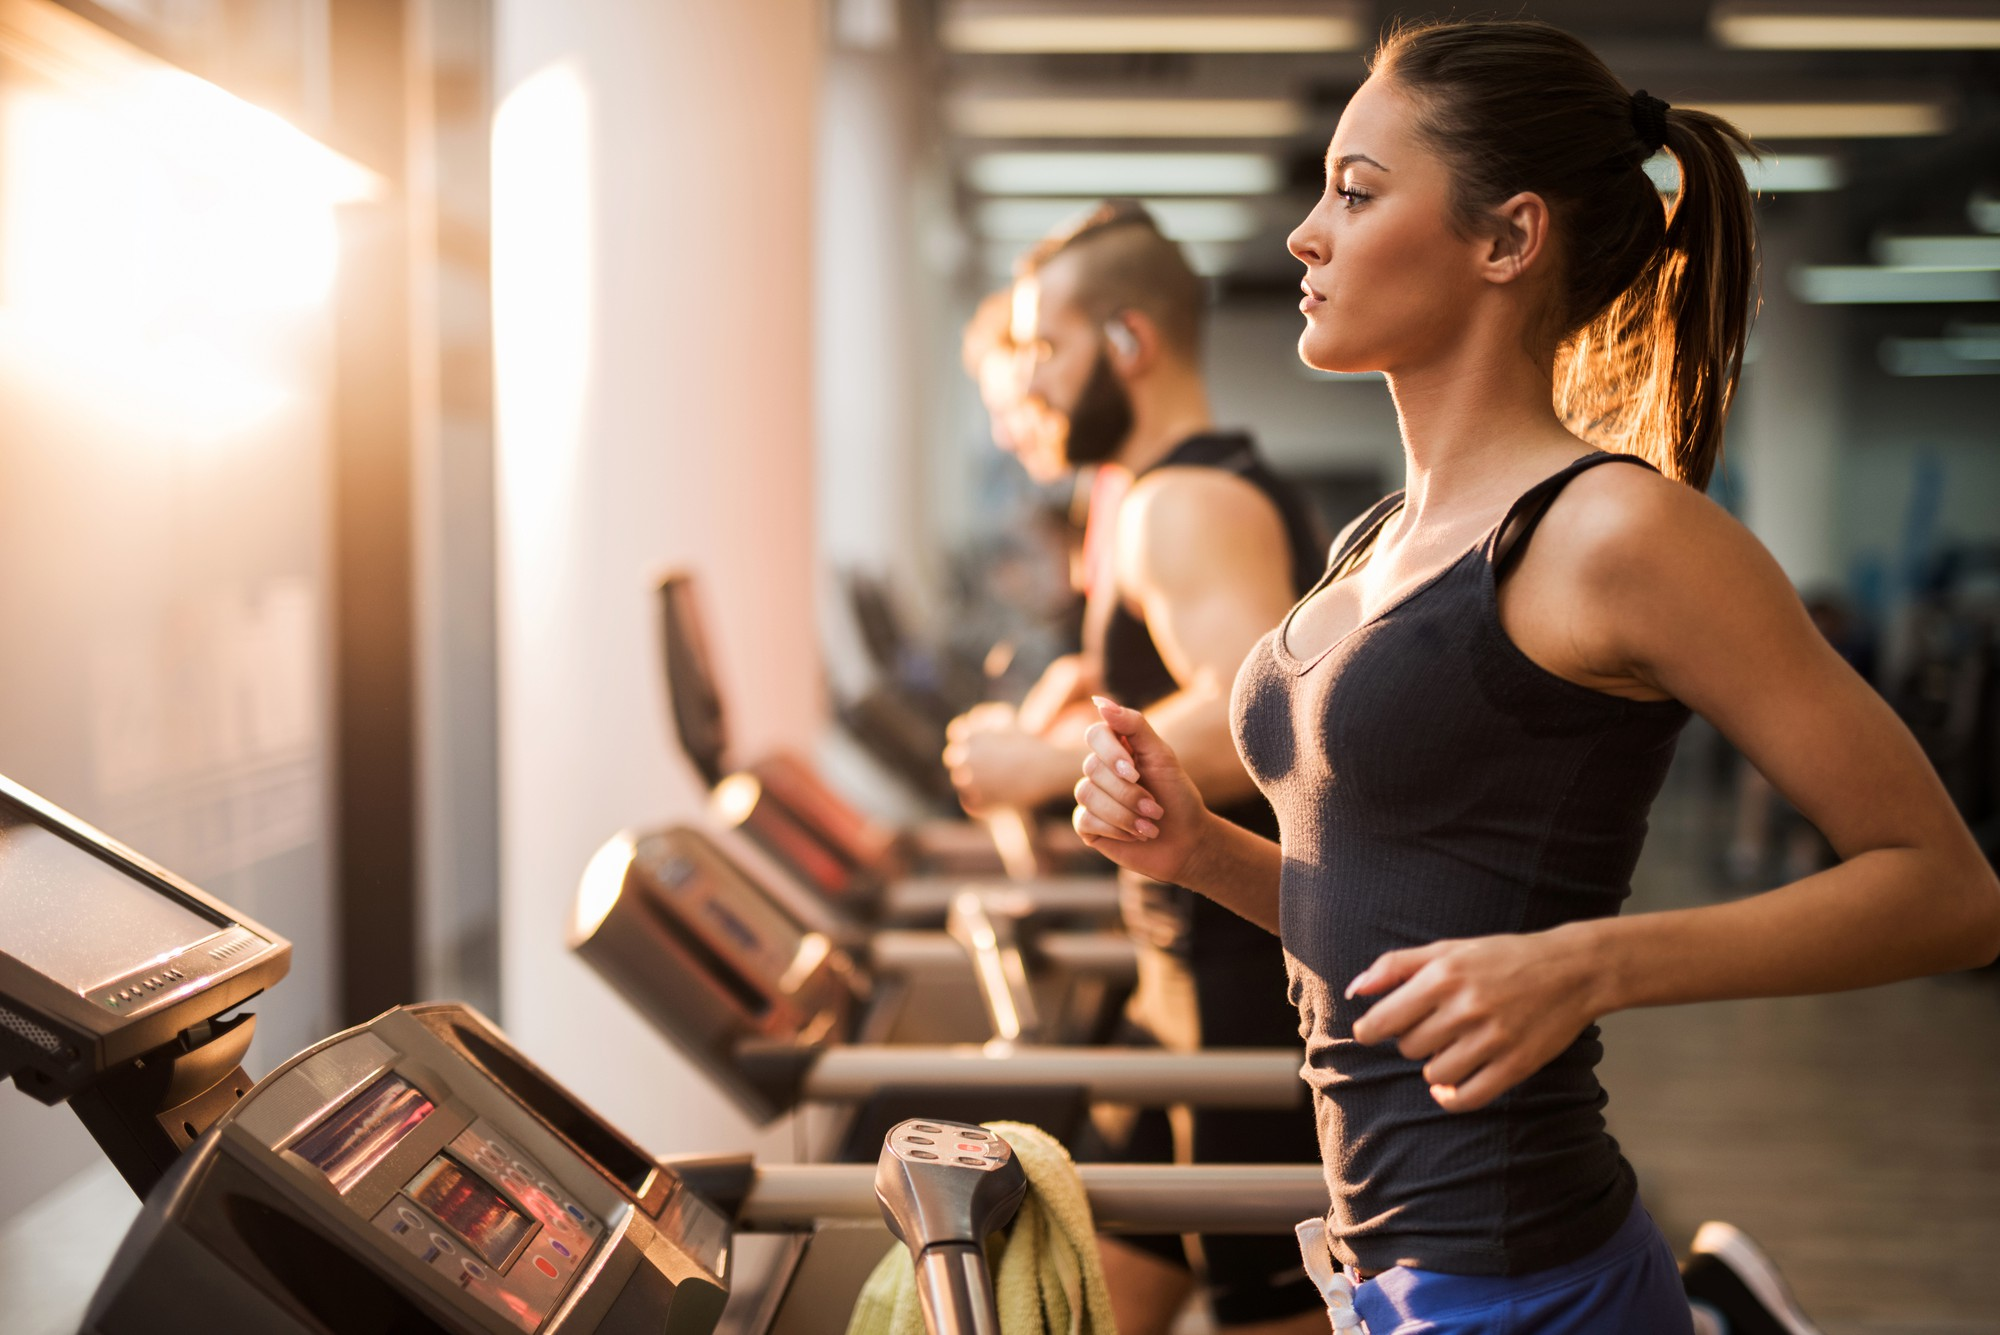 Đừng để bị lừa: 10 sai lầm về tập thể dục mà bạn cần ngừng tin ngay từ lúc này - Ảnh 1.